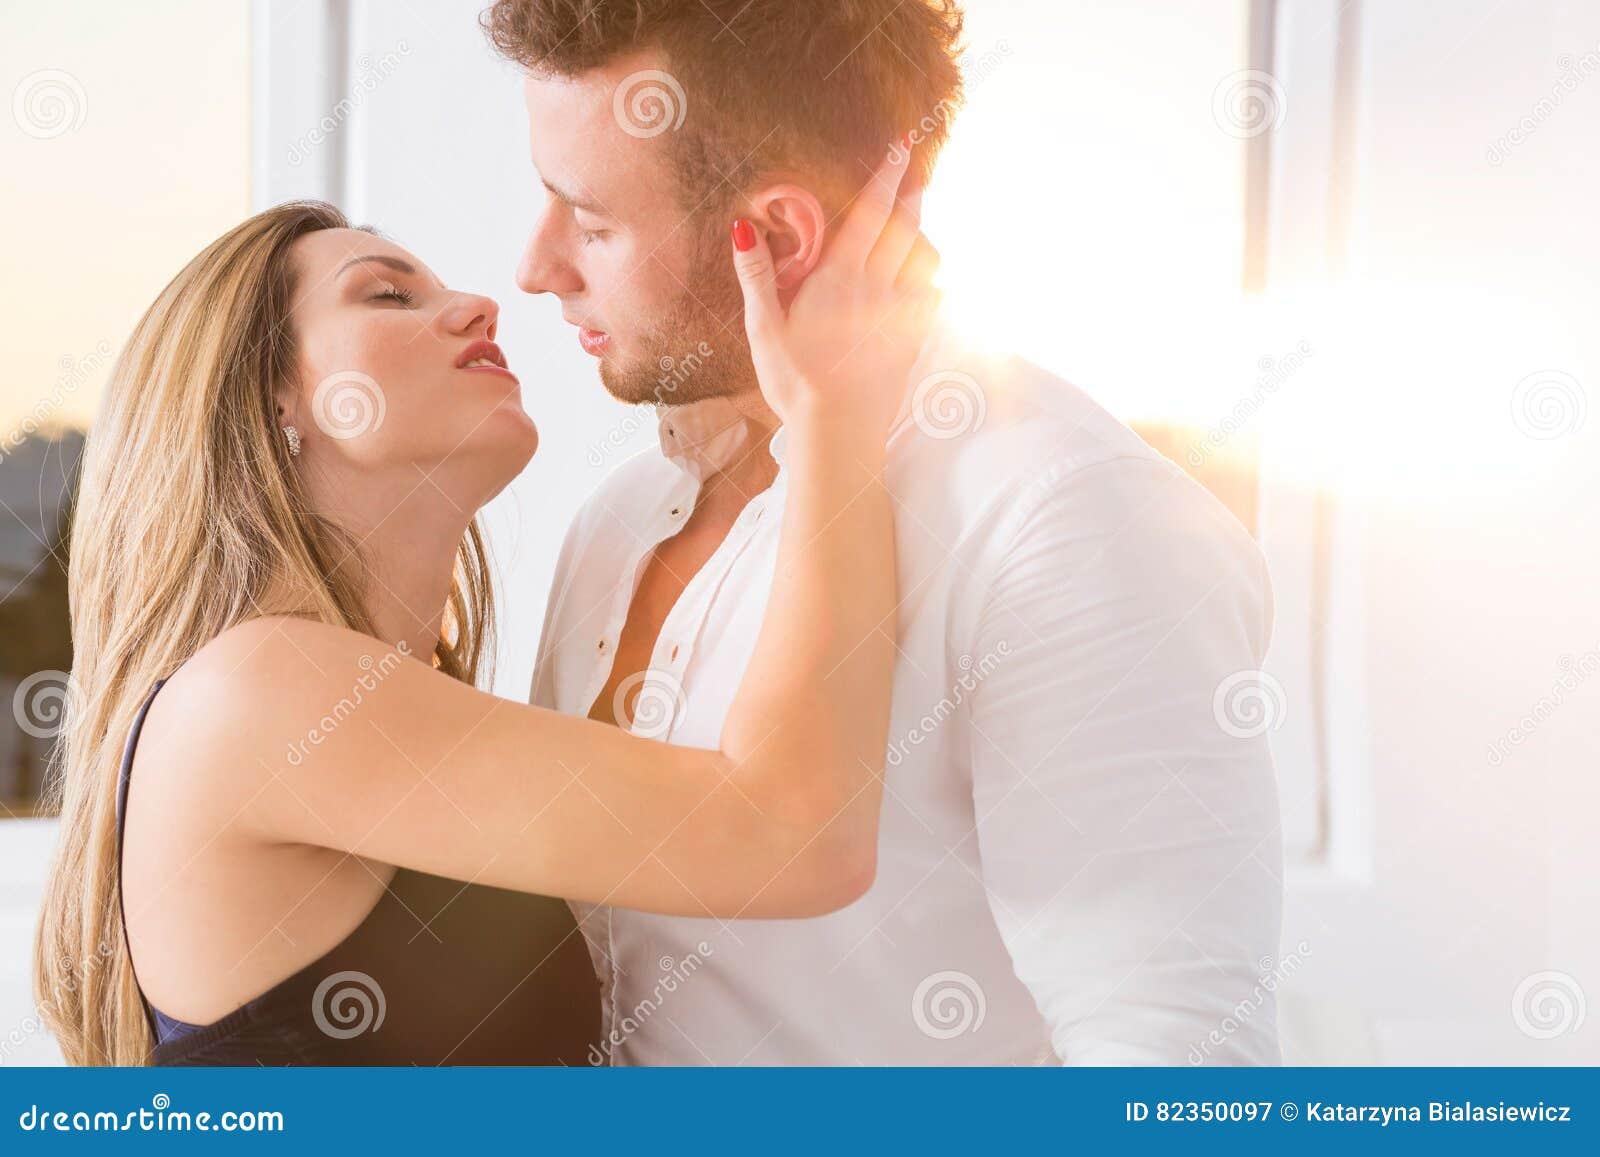 Наказать мужика съемки молодой русской пары прут очко